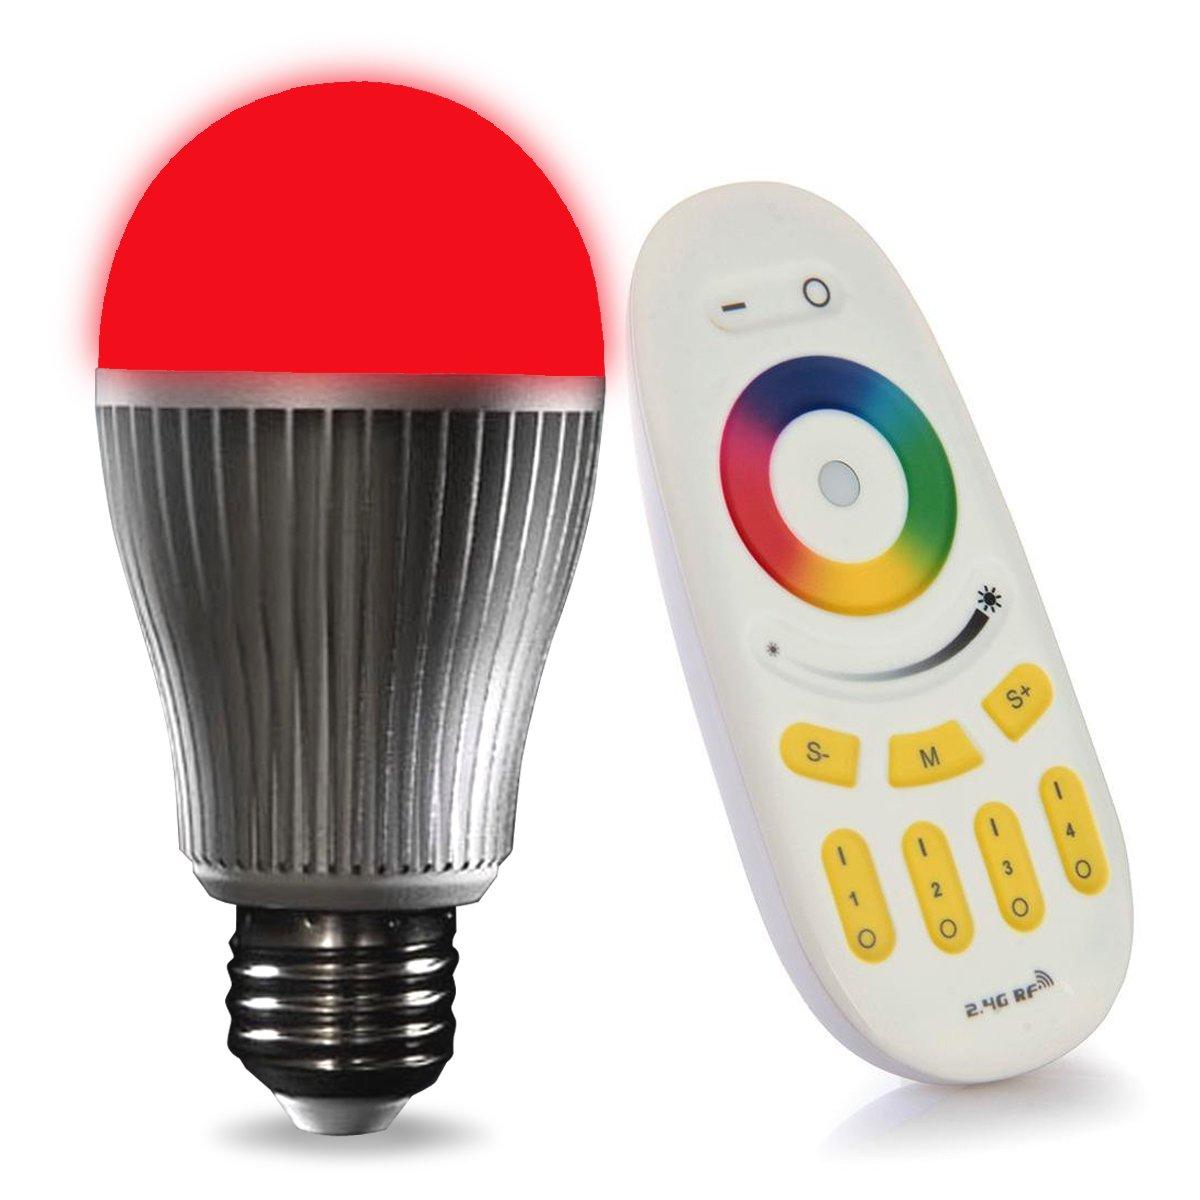 LIGHTEU 1x WLAN LED Lampe original, 9 W, E27, dimmbar, Farbwechsel ...